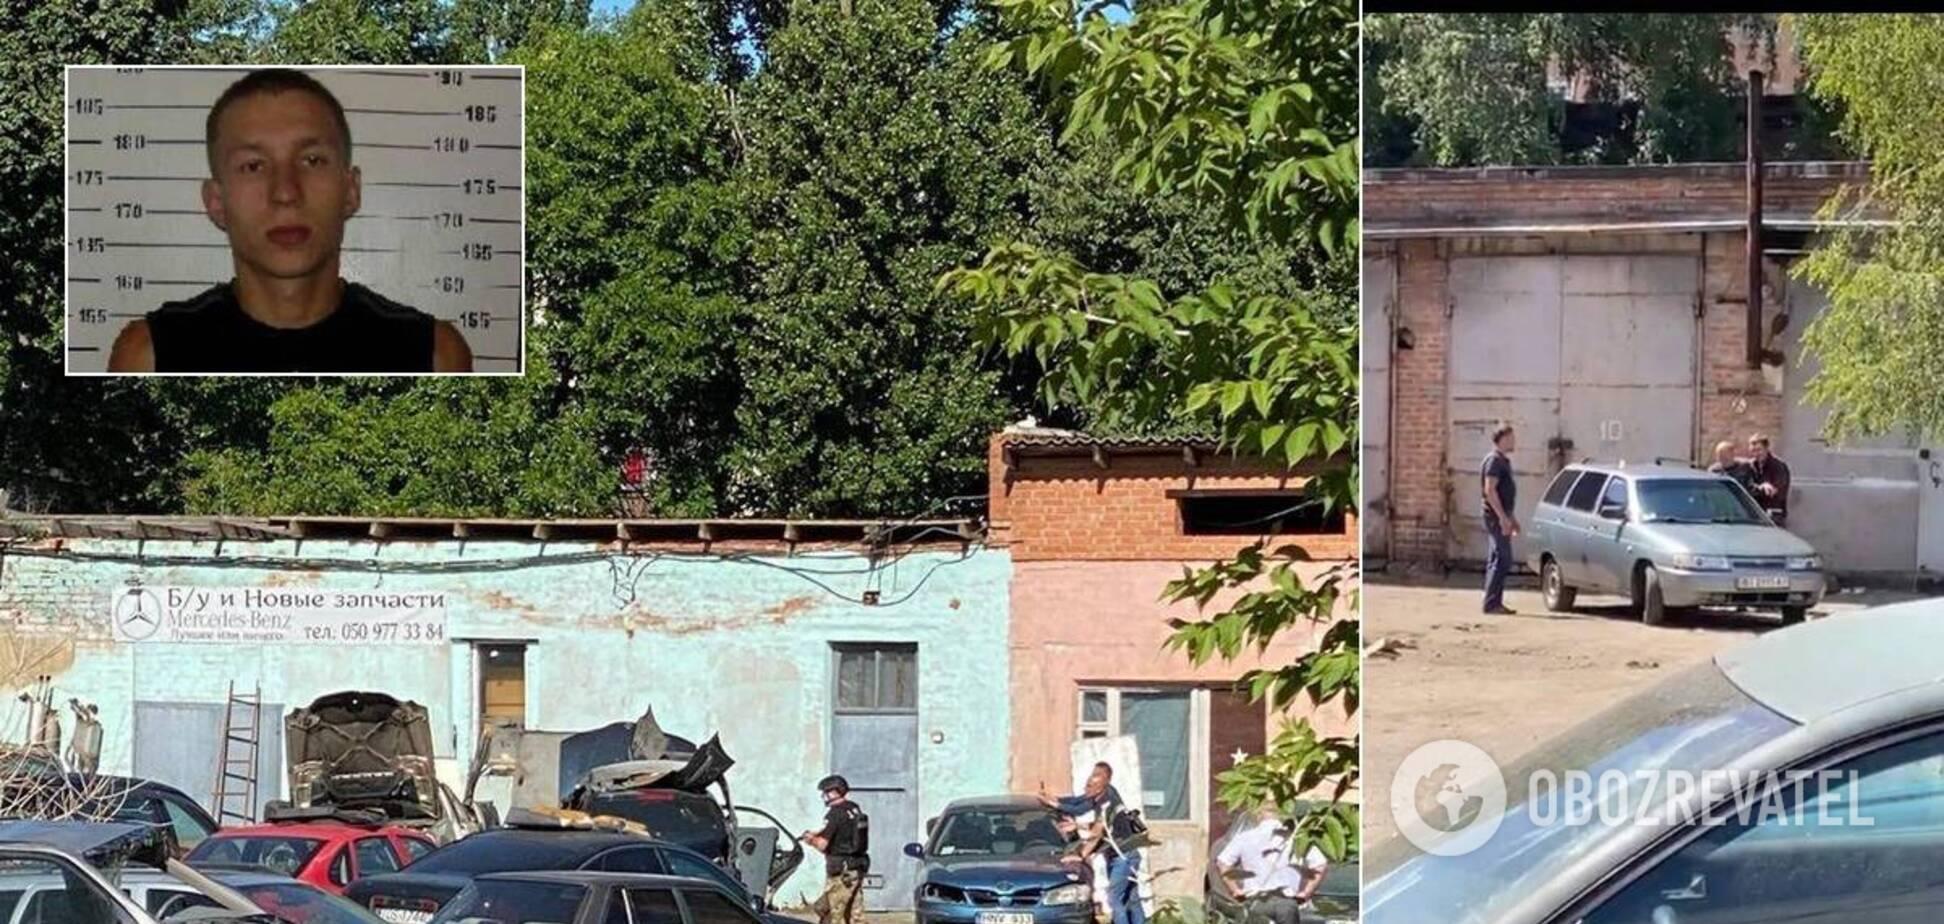 Спецоперация в Полтаве: полковник освобожден, преступник бросил авто и сбежал. Фото, видео и подробности